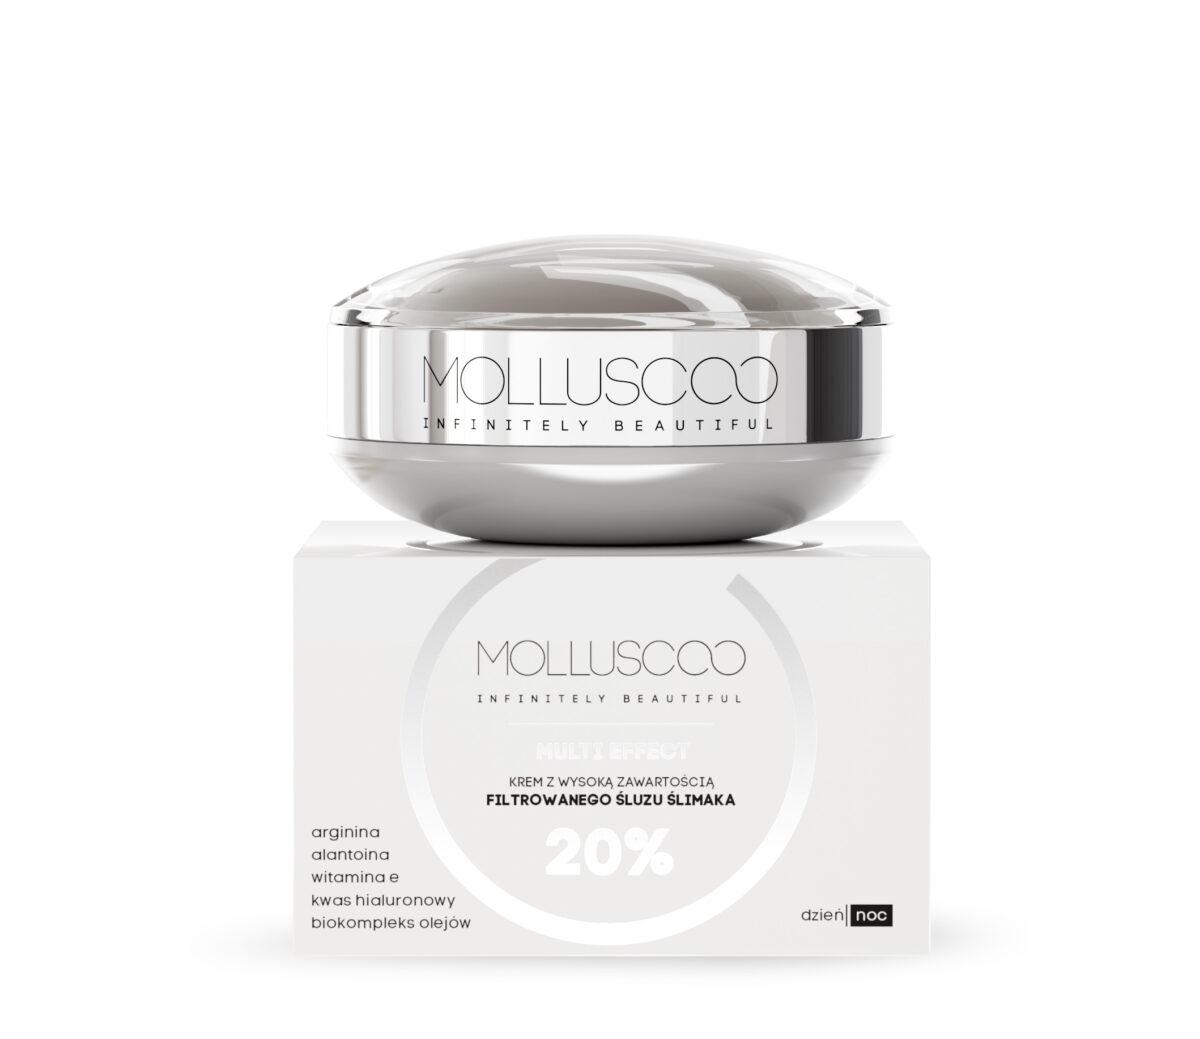 Ultranawilżający krem ze śluzem ślimaka dla kobiet Molluscoo, Day-Night Care